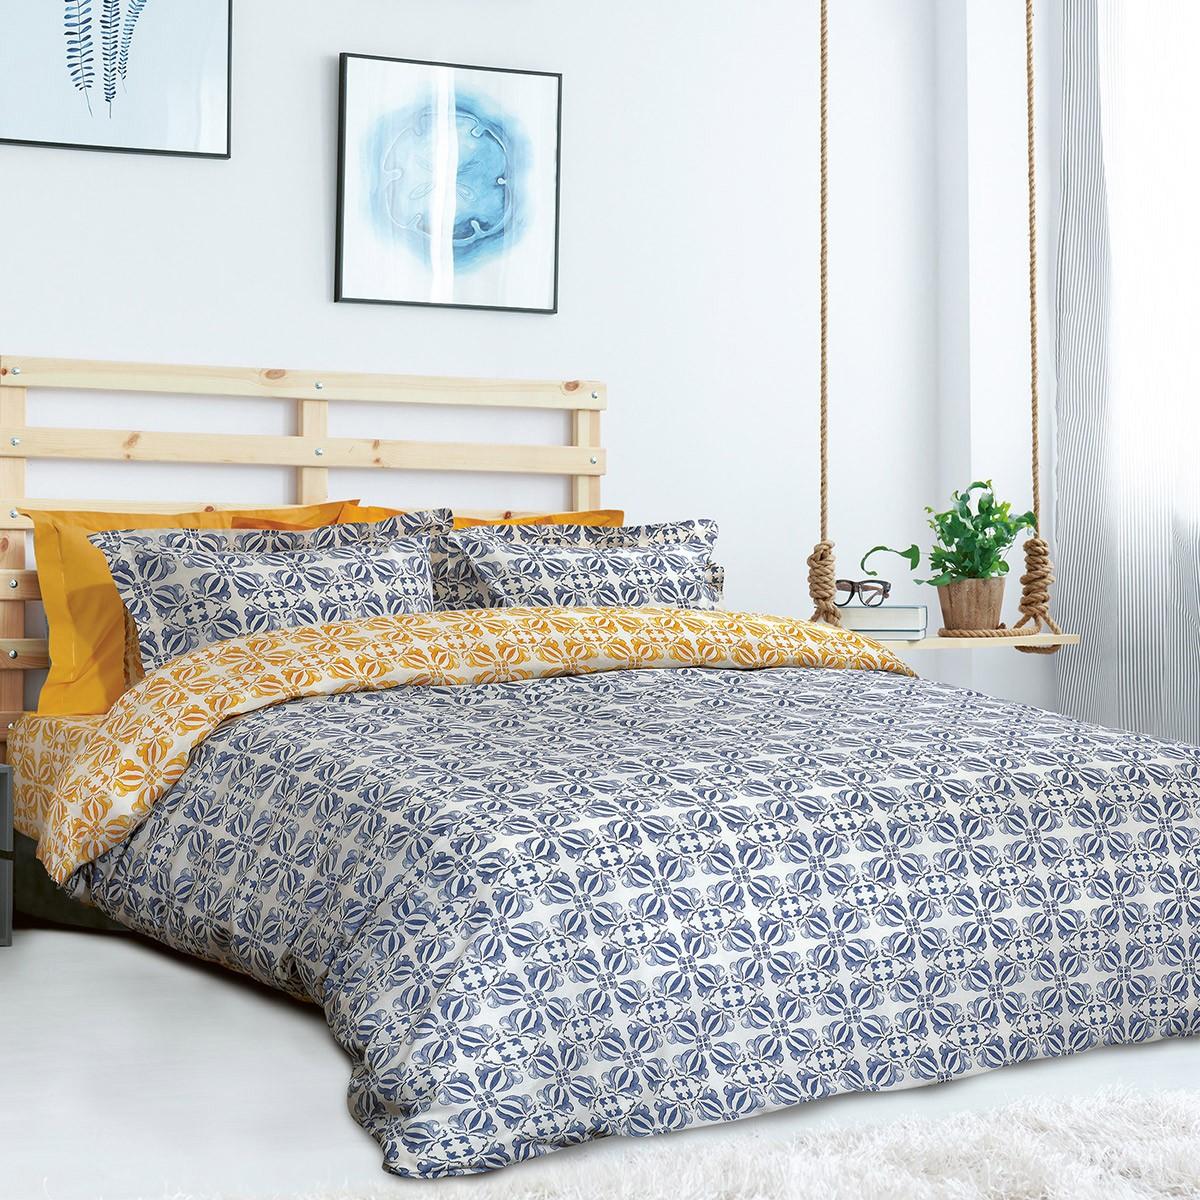 Κουβερλί Υπέρδιπλο Das Home Happy Line Prints 9418 home   κρεβατοκάμαρα   κουβερλί   κουβερλί υπέρδιπλα